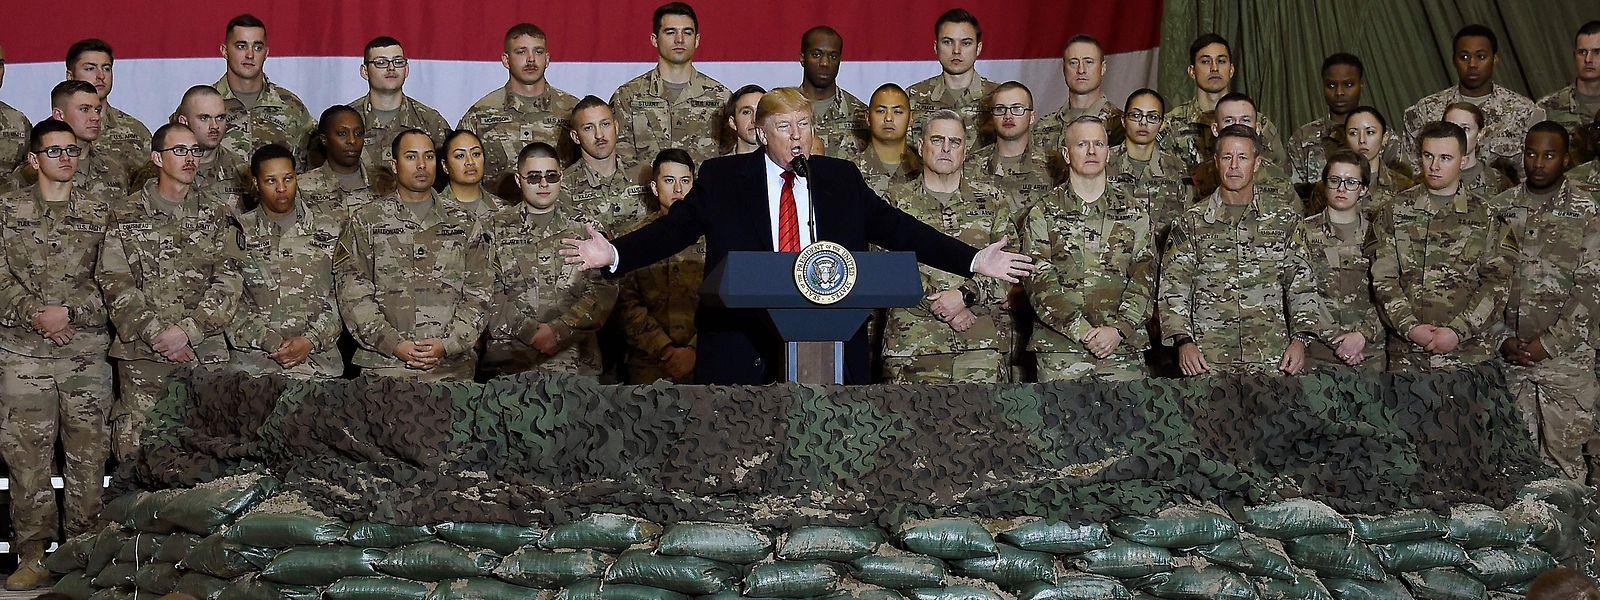 Donald Trump stattete  zum Thanksgiving-Fest am 28. November den Truppen in Afghanistan einen Überraschungsbesuch ab.